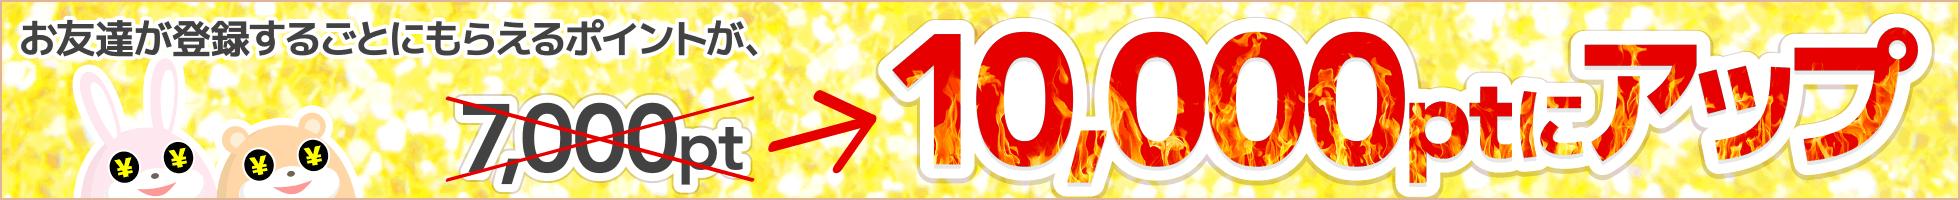 banner_upto_10000pt.png